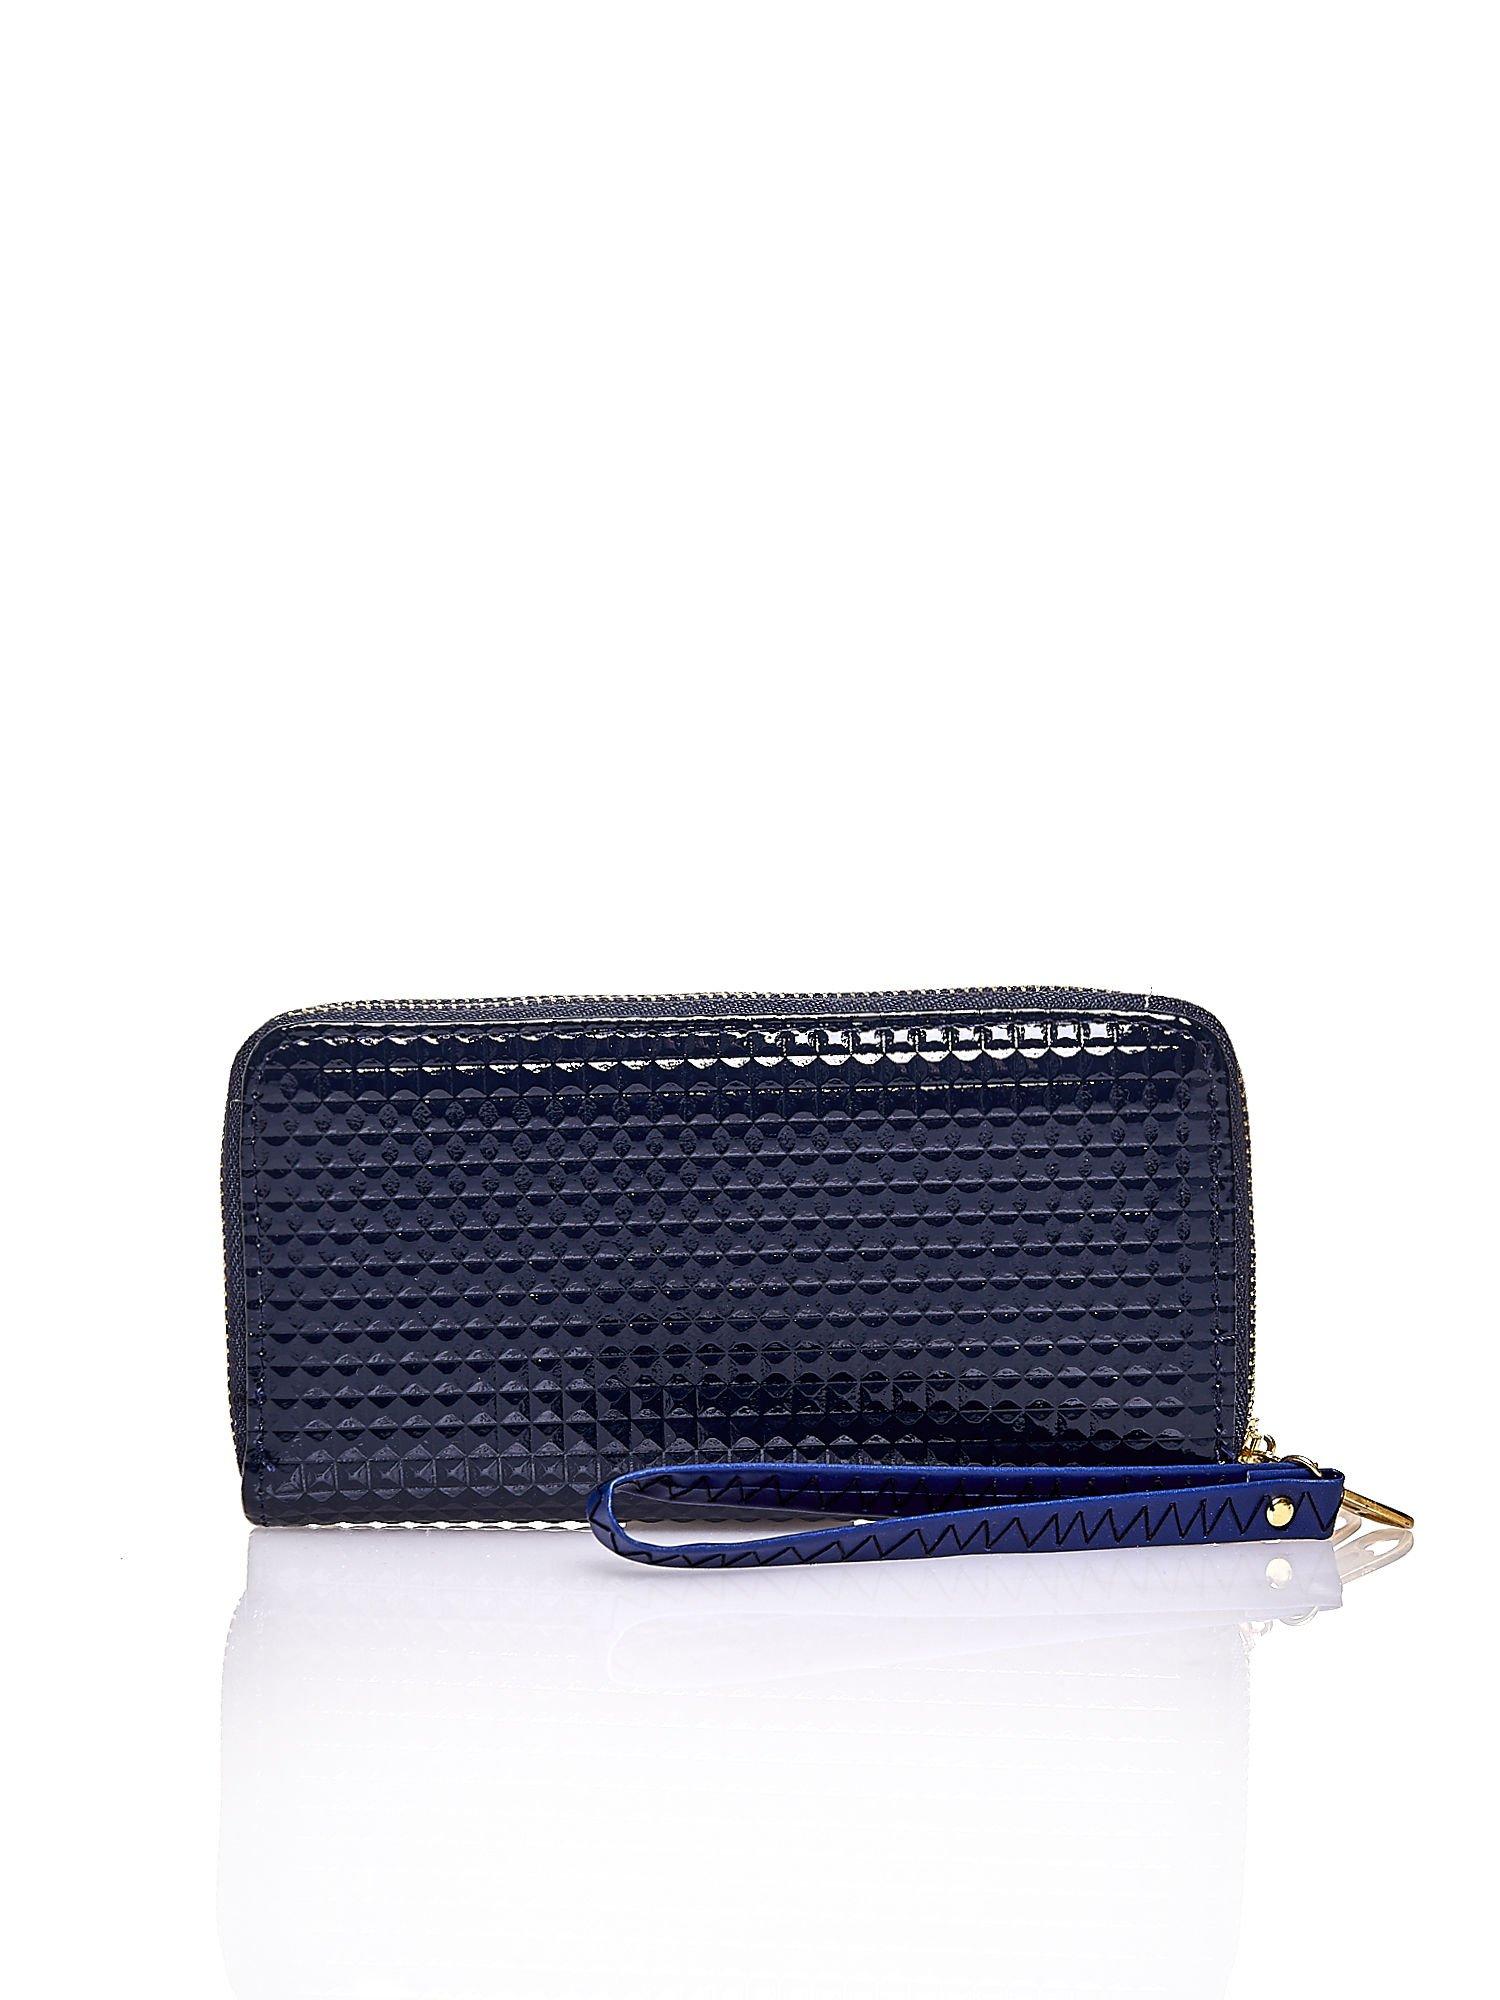 Granatowy pikowany portfel z uchwytem na rękę                                  zdj.                                  2